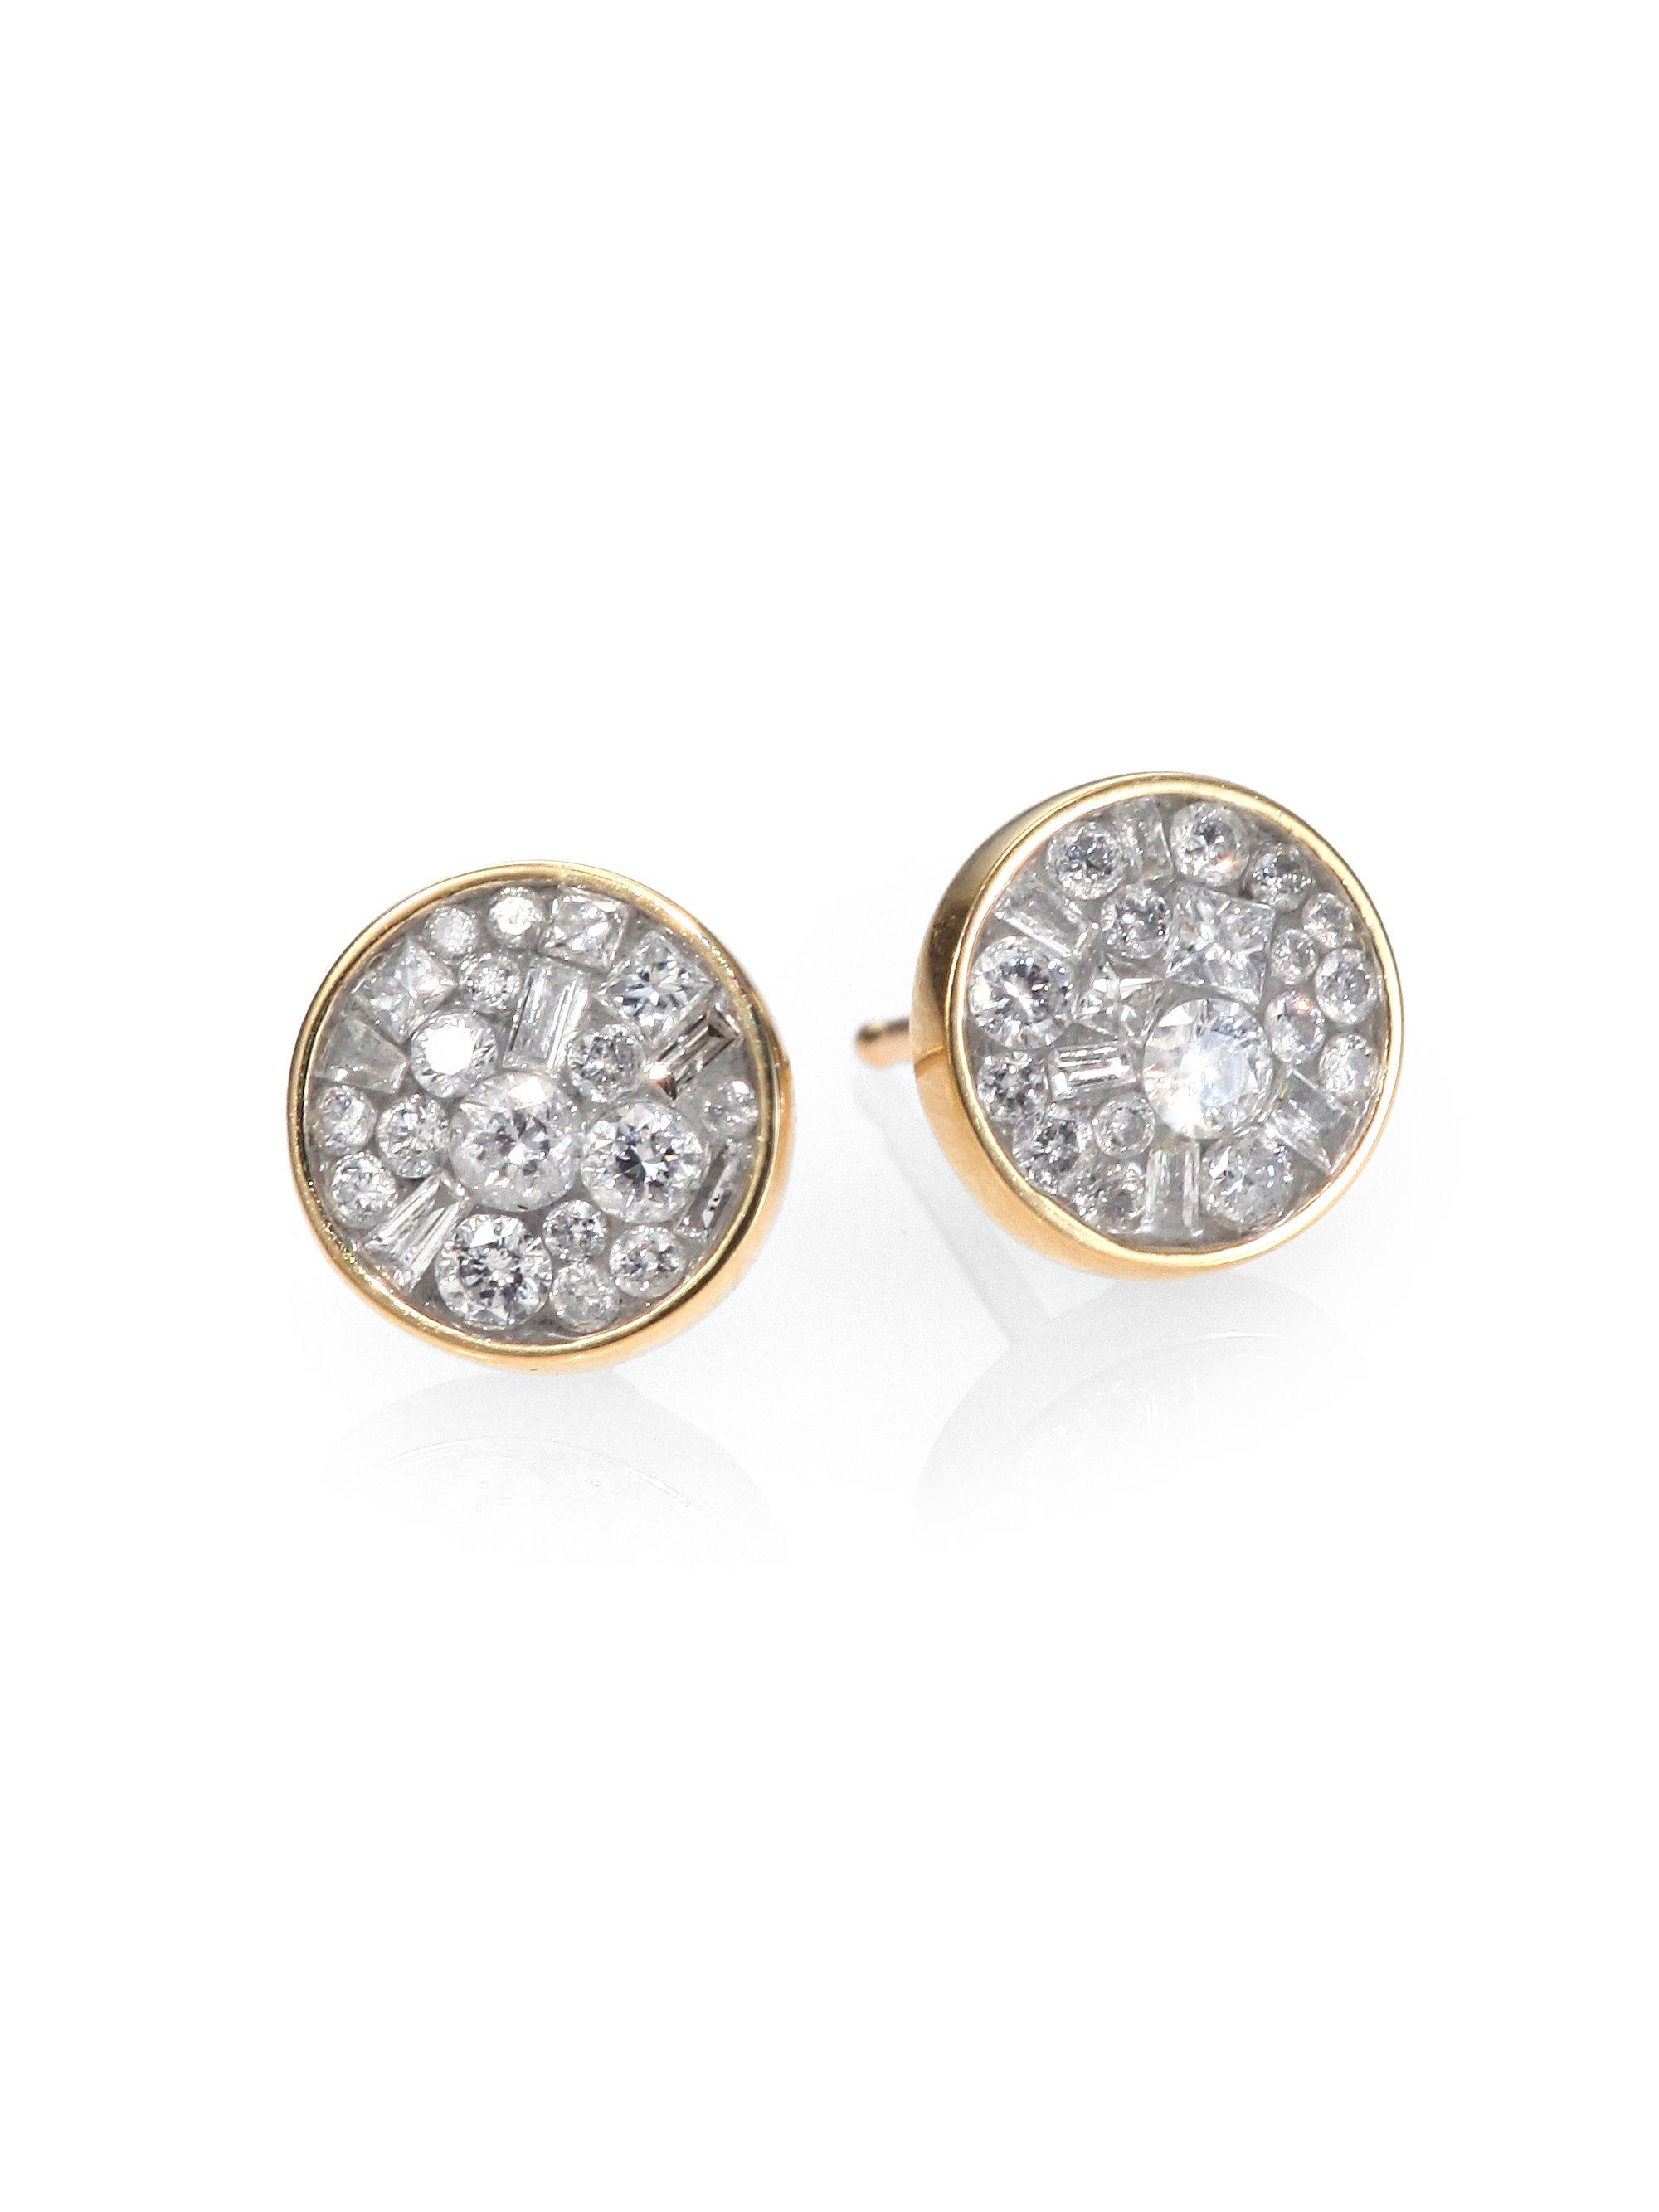 Plevé Ice Diamond & 18k Yellow Gold Stud Earrings in ...